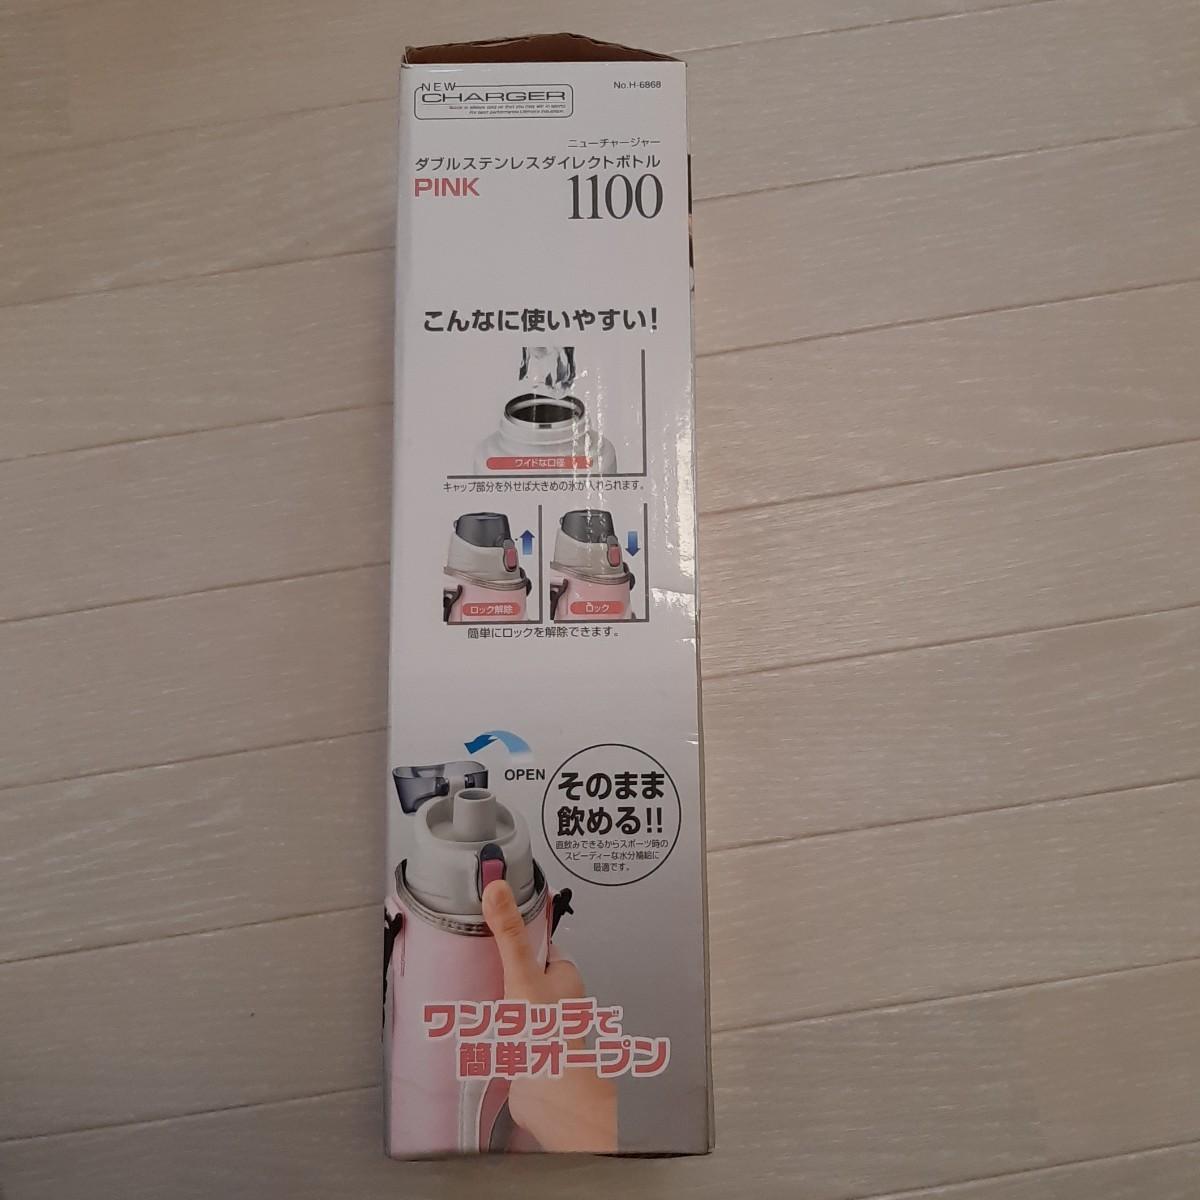 ダブルステンレスダイレクトボトル1100 ピンク 水筒